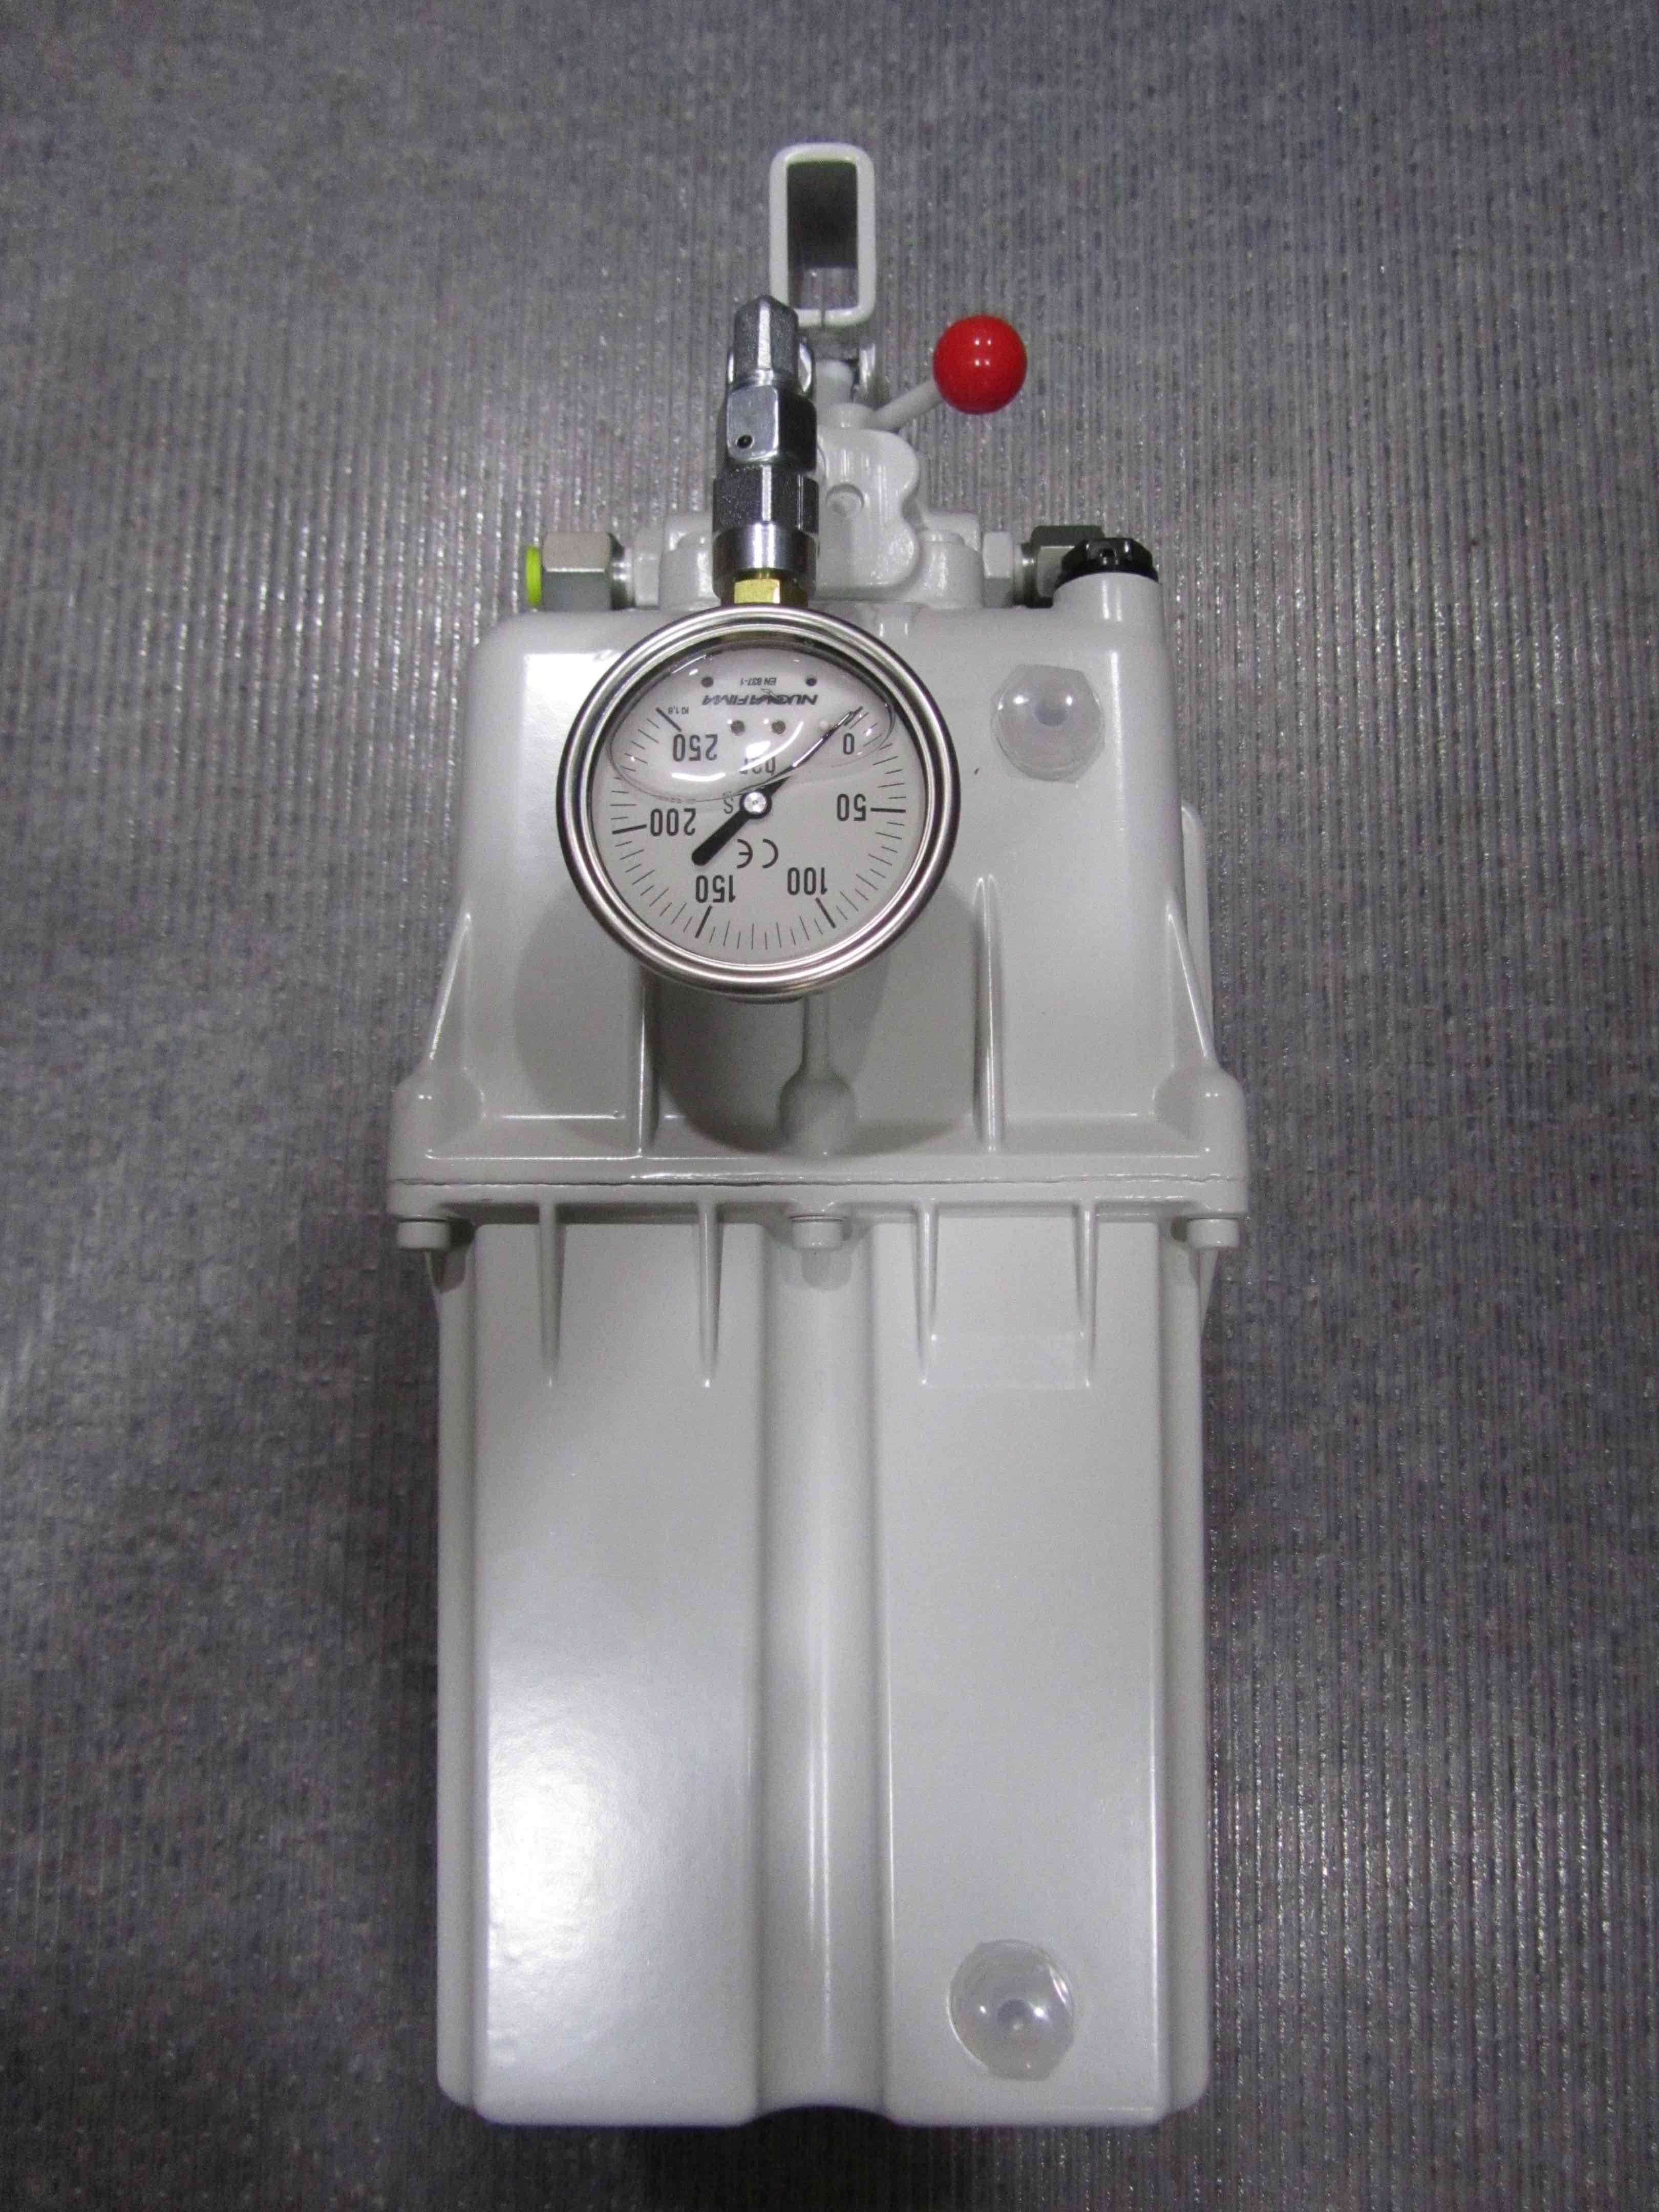 Damcos 302-0102 HPU 5L Hand Pump